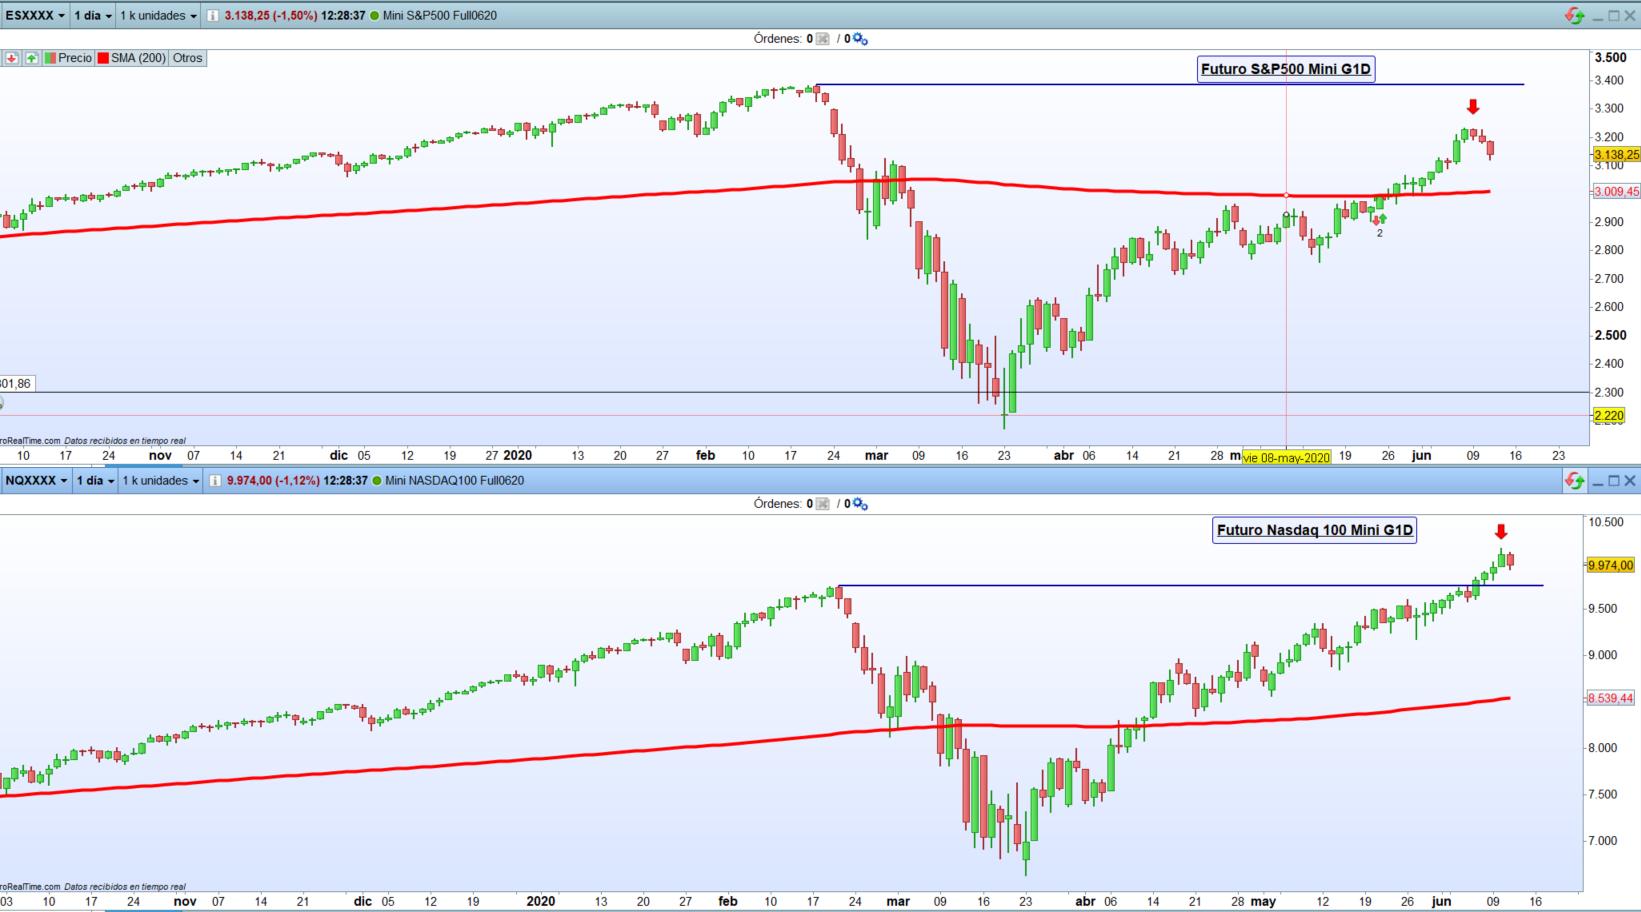 Análisis técnico del S&P 500 yh Nasdaq